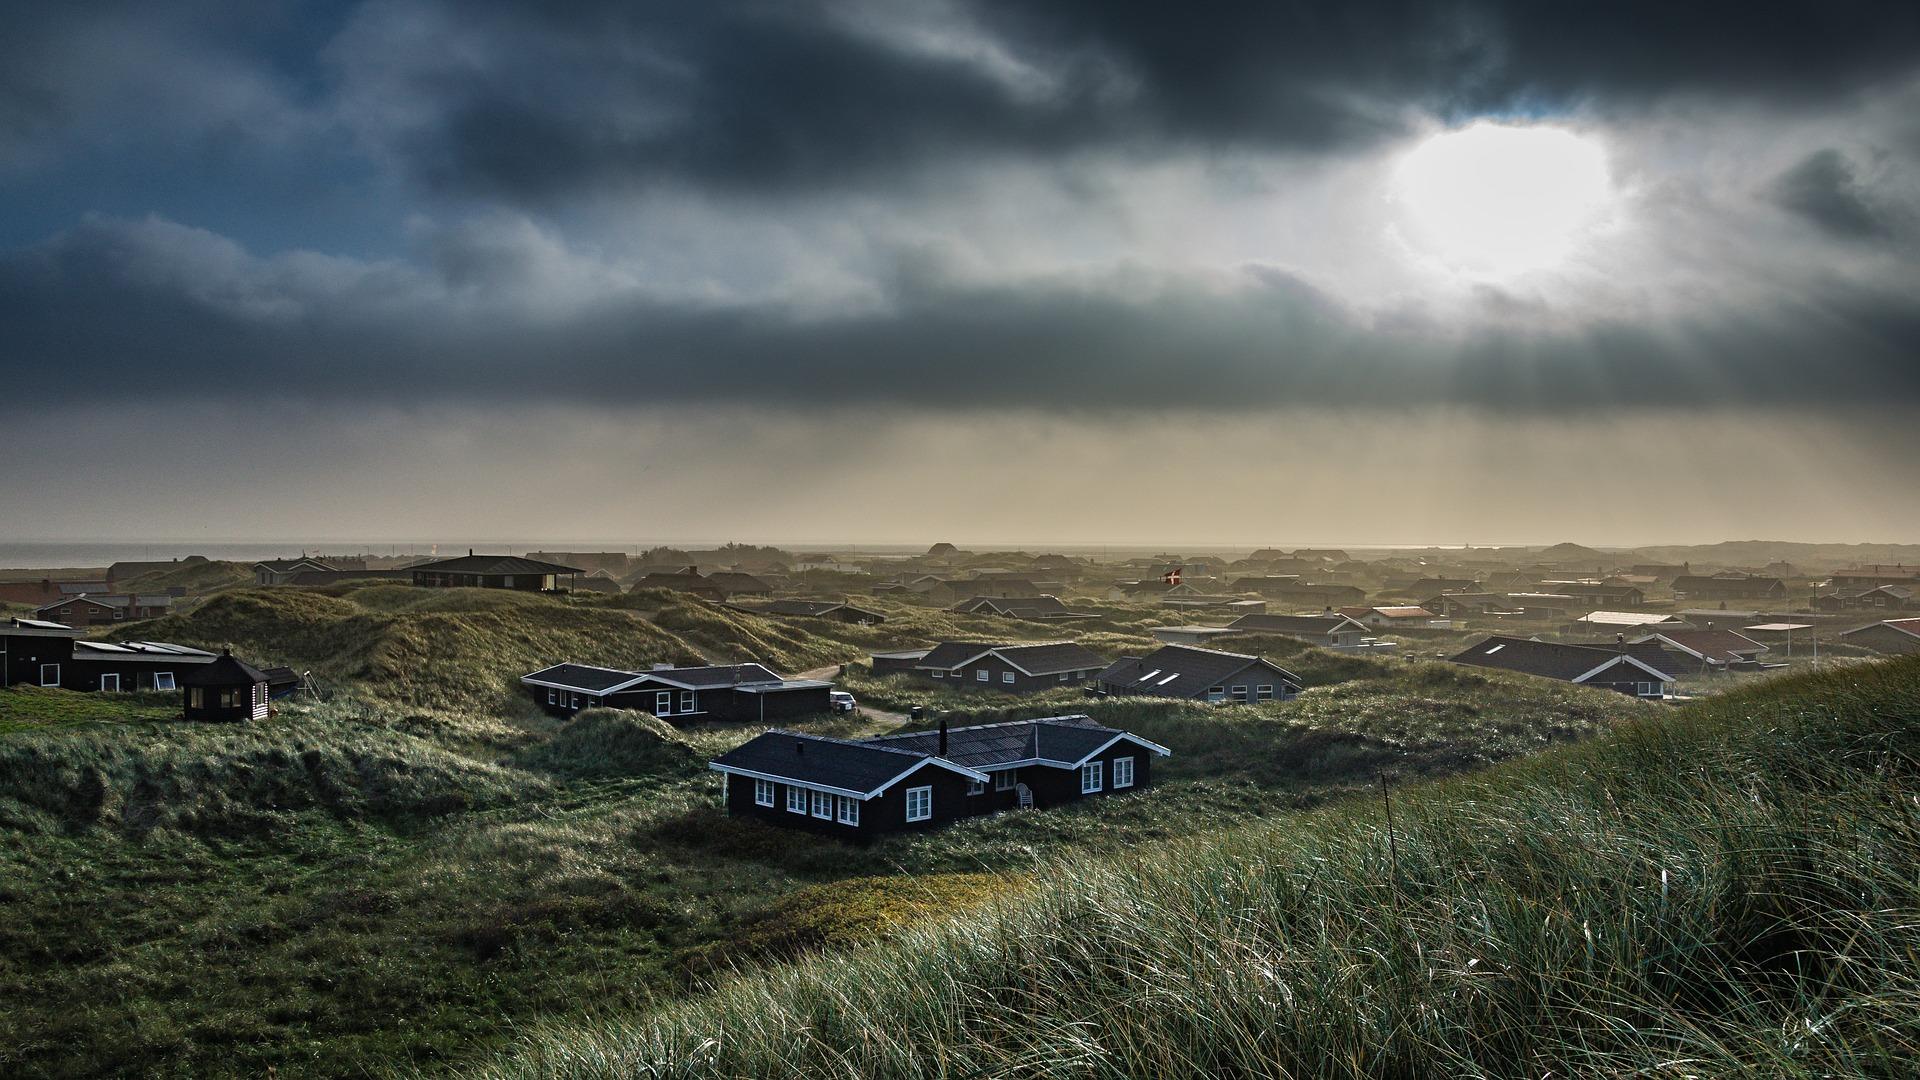 Abendstimmung an der Nordsee in Dänemark.